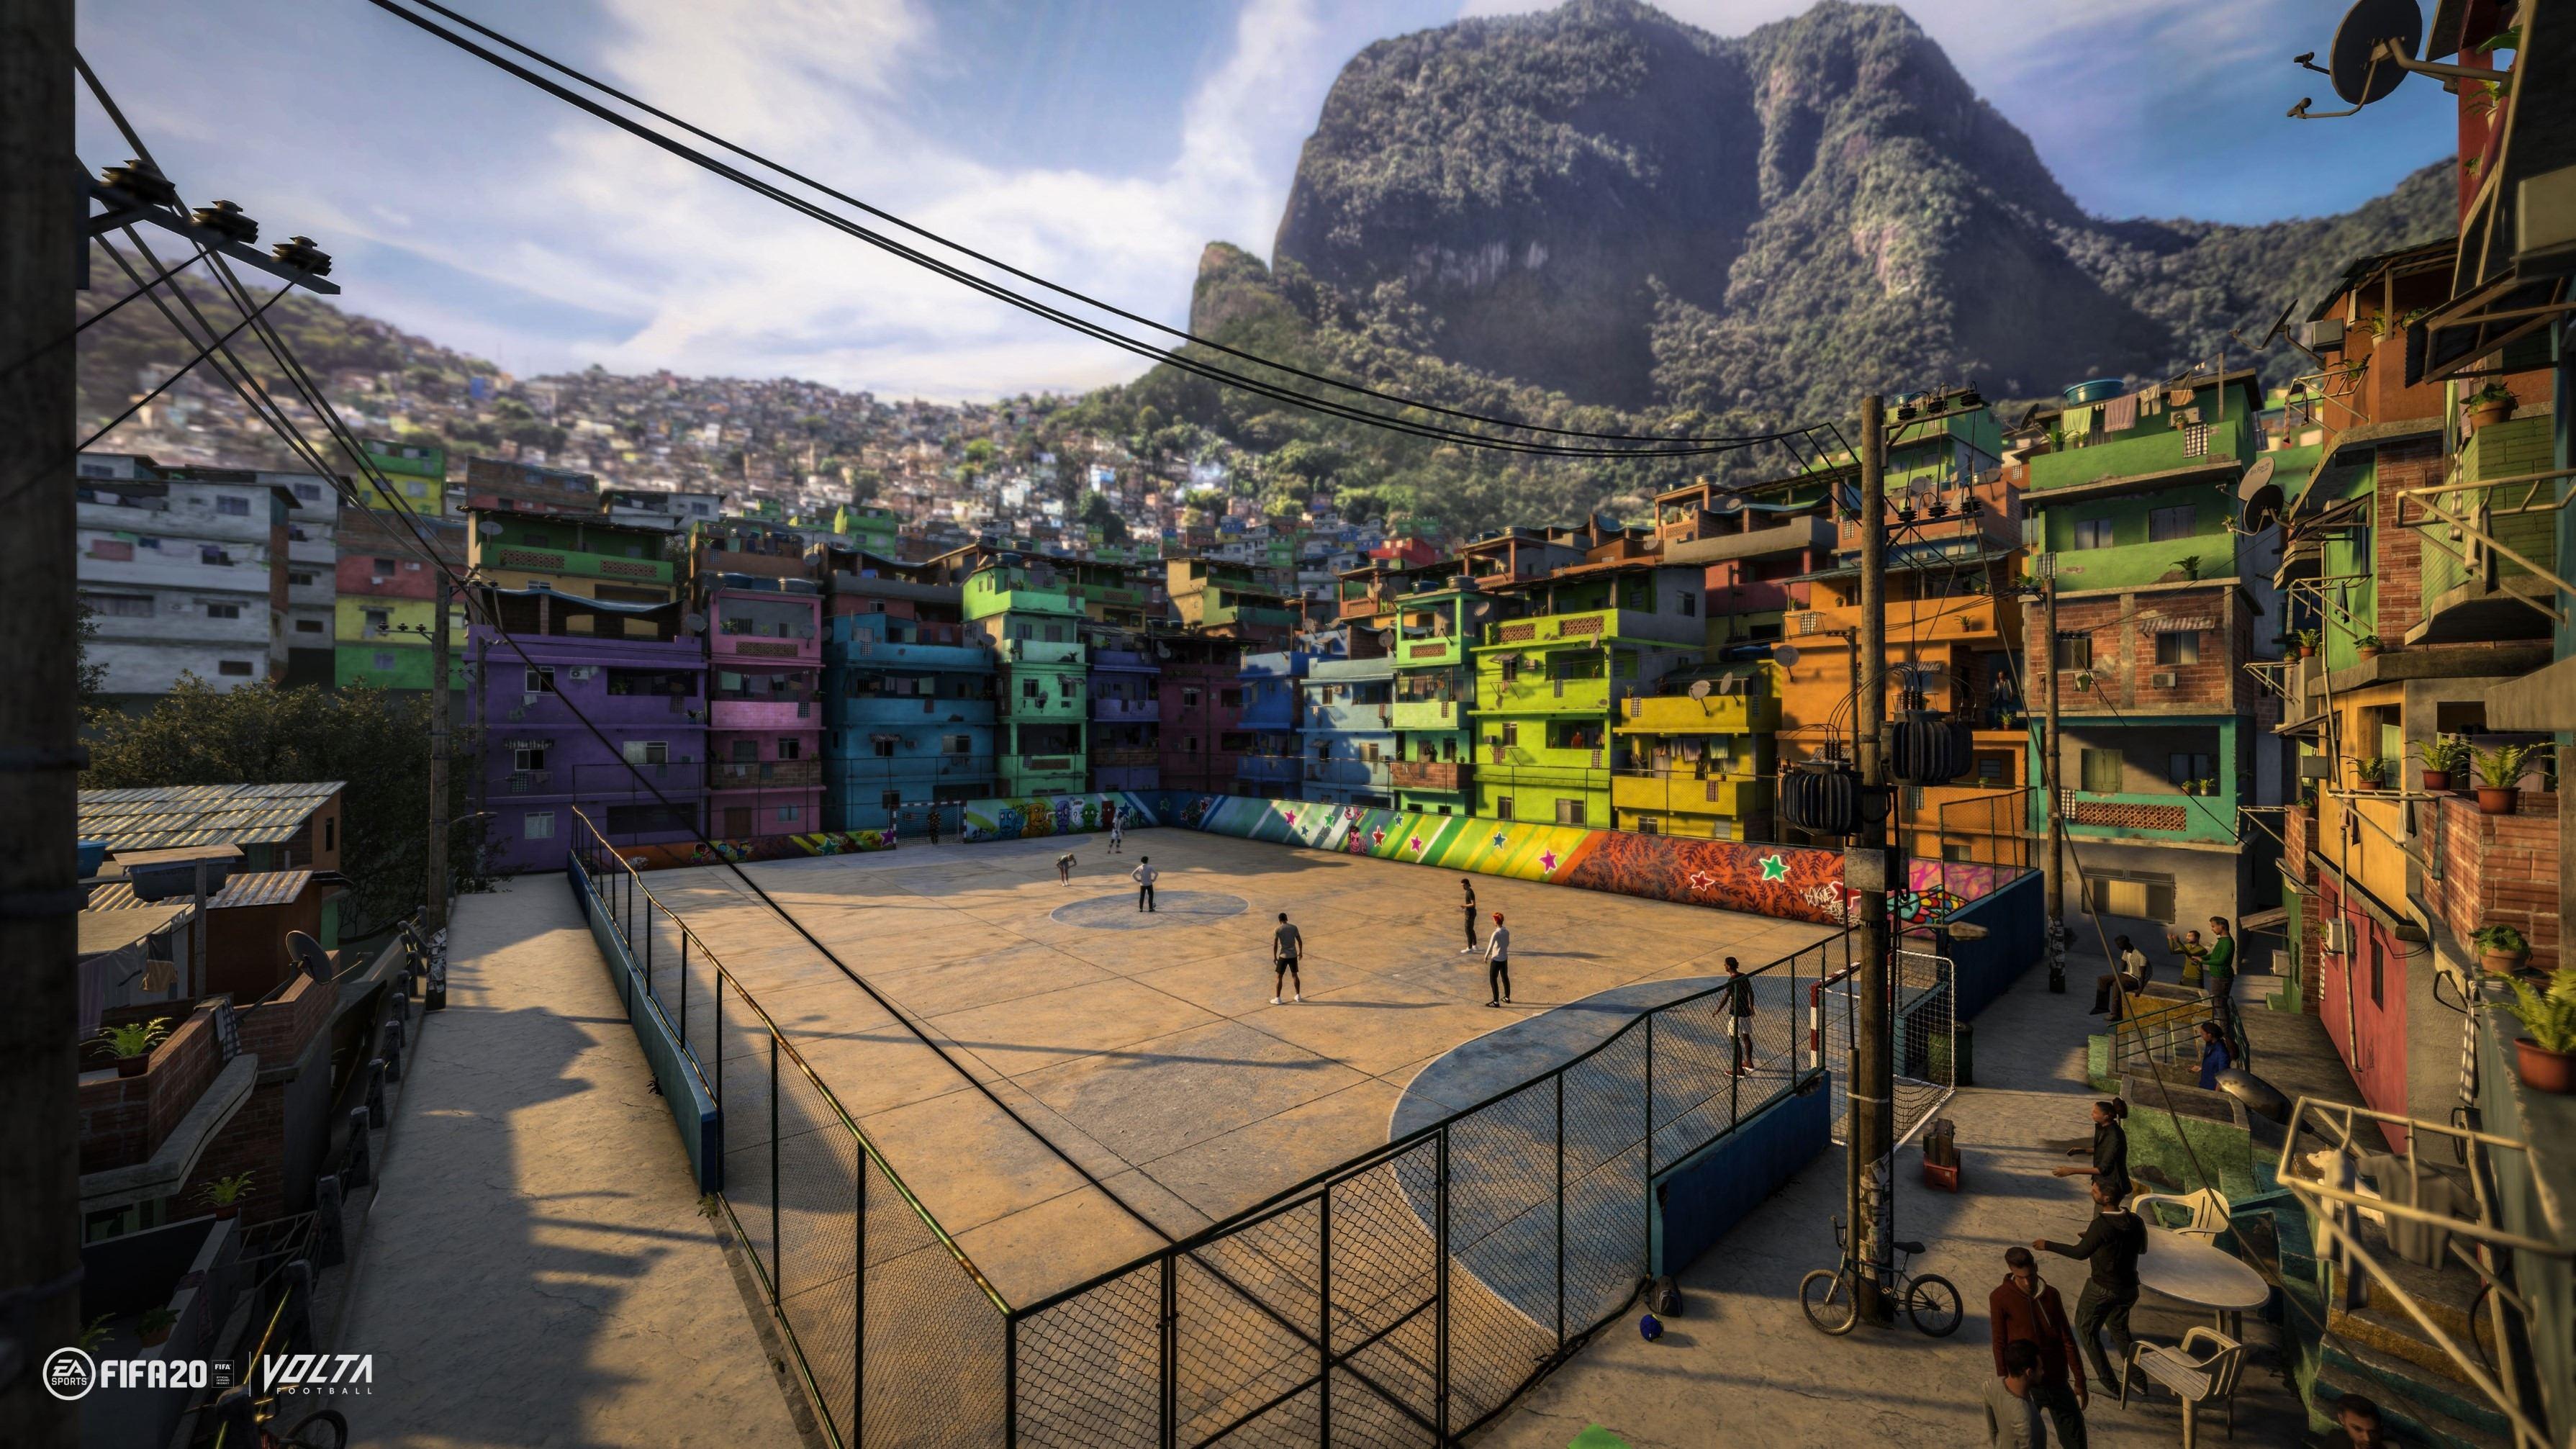 FIFA 20 (6)